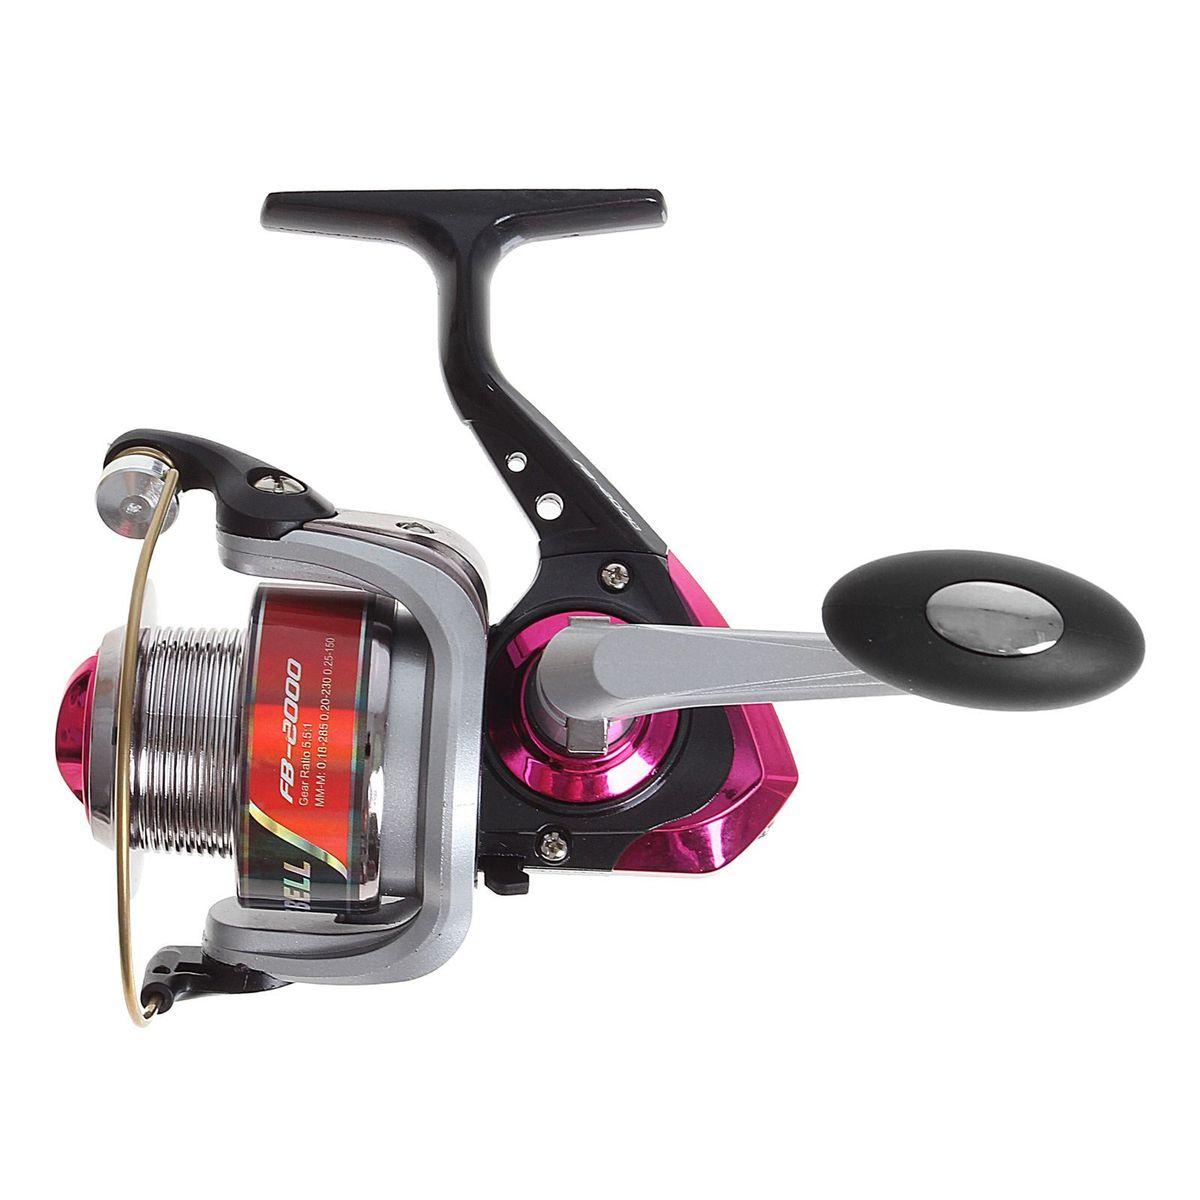 Катушка безынерционная Onlitop 1BB FB 2000, цвет: красный, 1 подшипникMABLSEH10001Катушка 1BB FB 2000, это универсальная модель «эконом»-класса для разных условий рыбалки, отличный выбор для начинающих рыболовов.